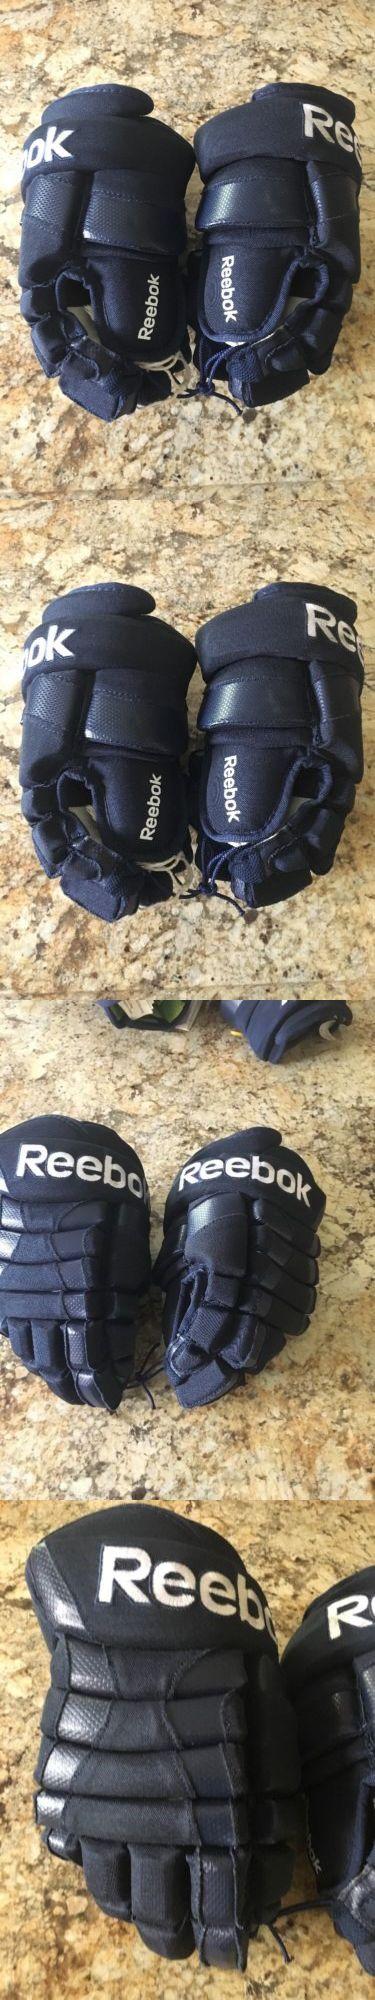 Gloves 20853: Reebok Ice Hockey Gloves 7000 Navy Blue 12 New -> BUY IT NOW ONLY: $35.99 on eBay!